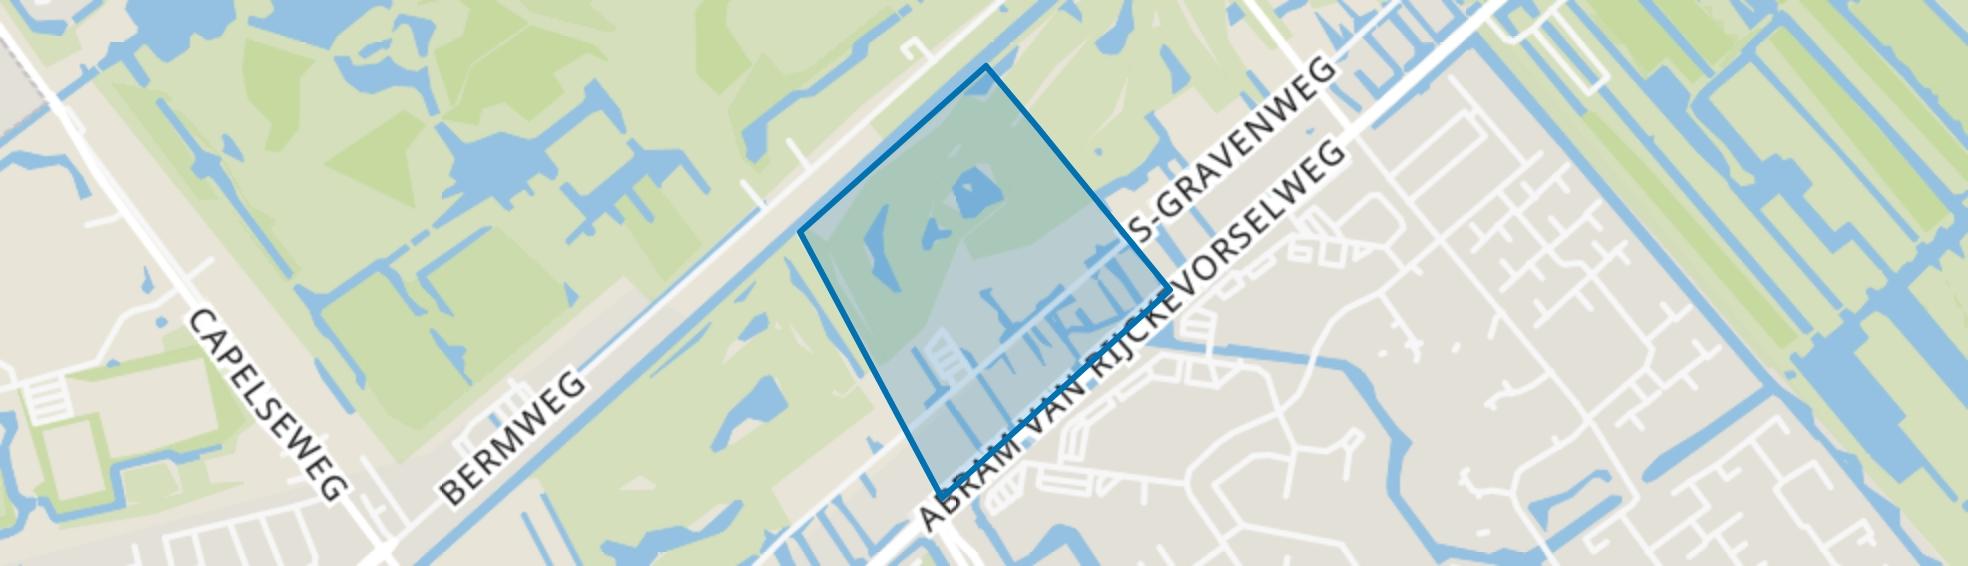 Klaverweide, Capelle aan den IJssel map